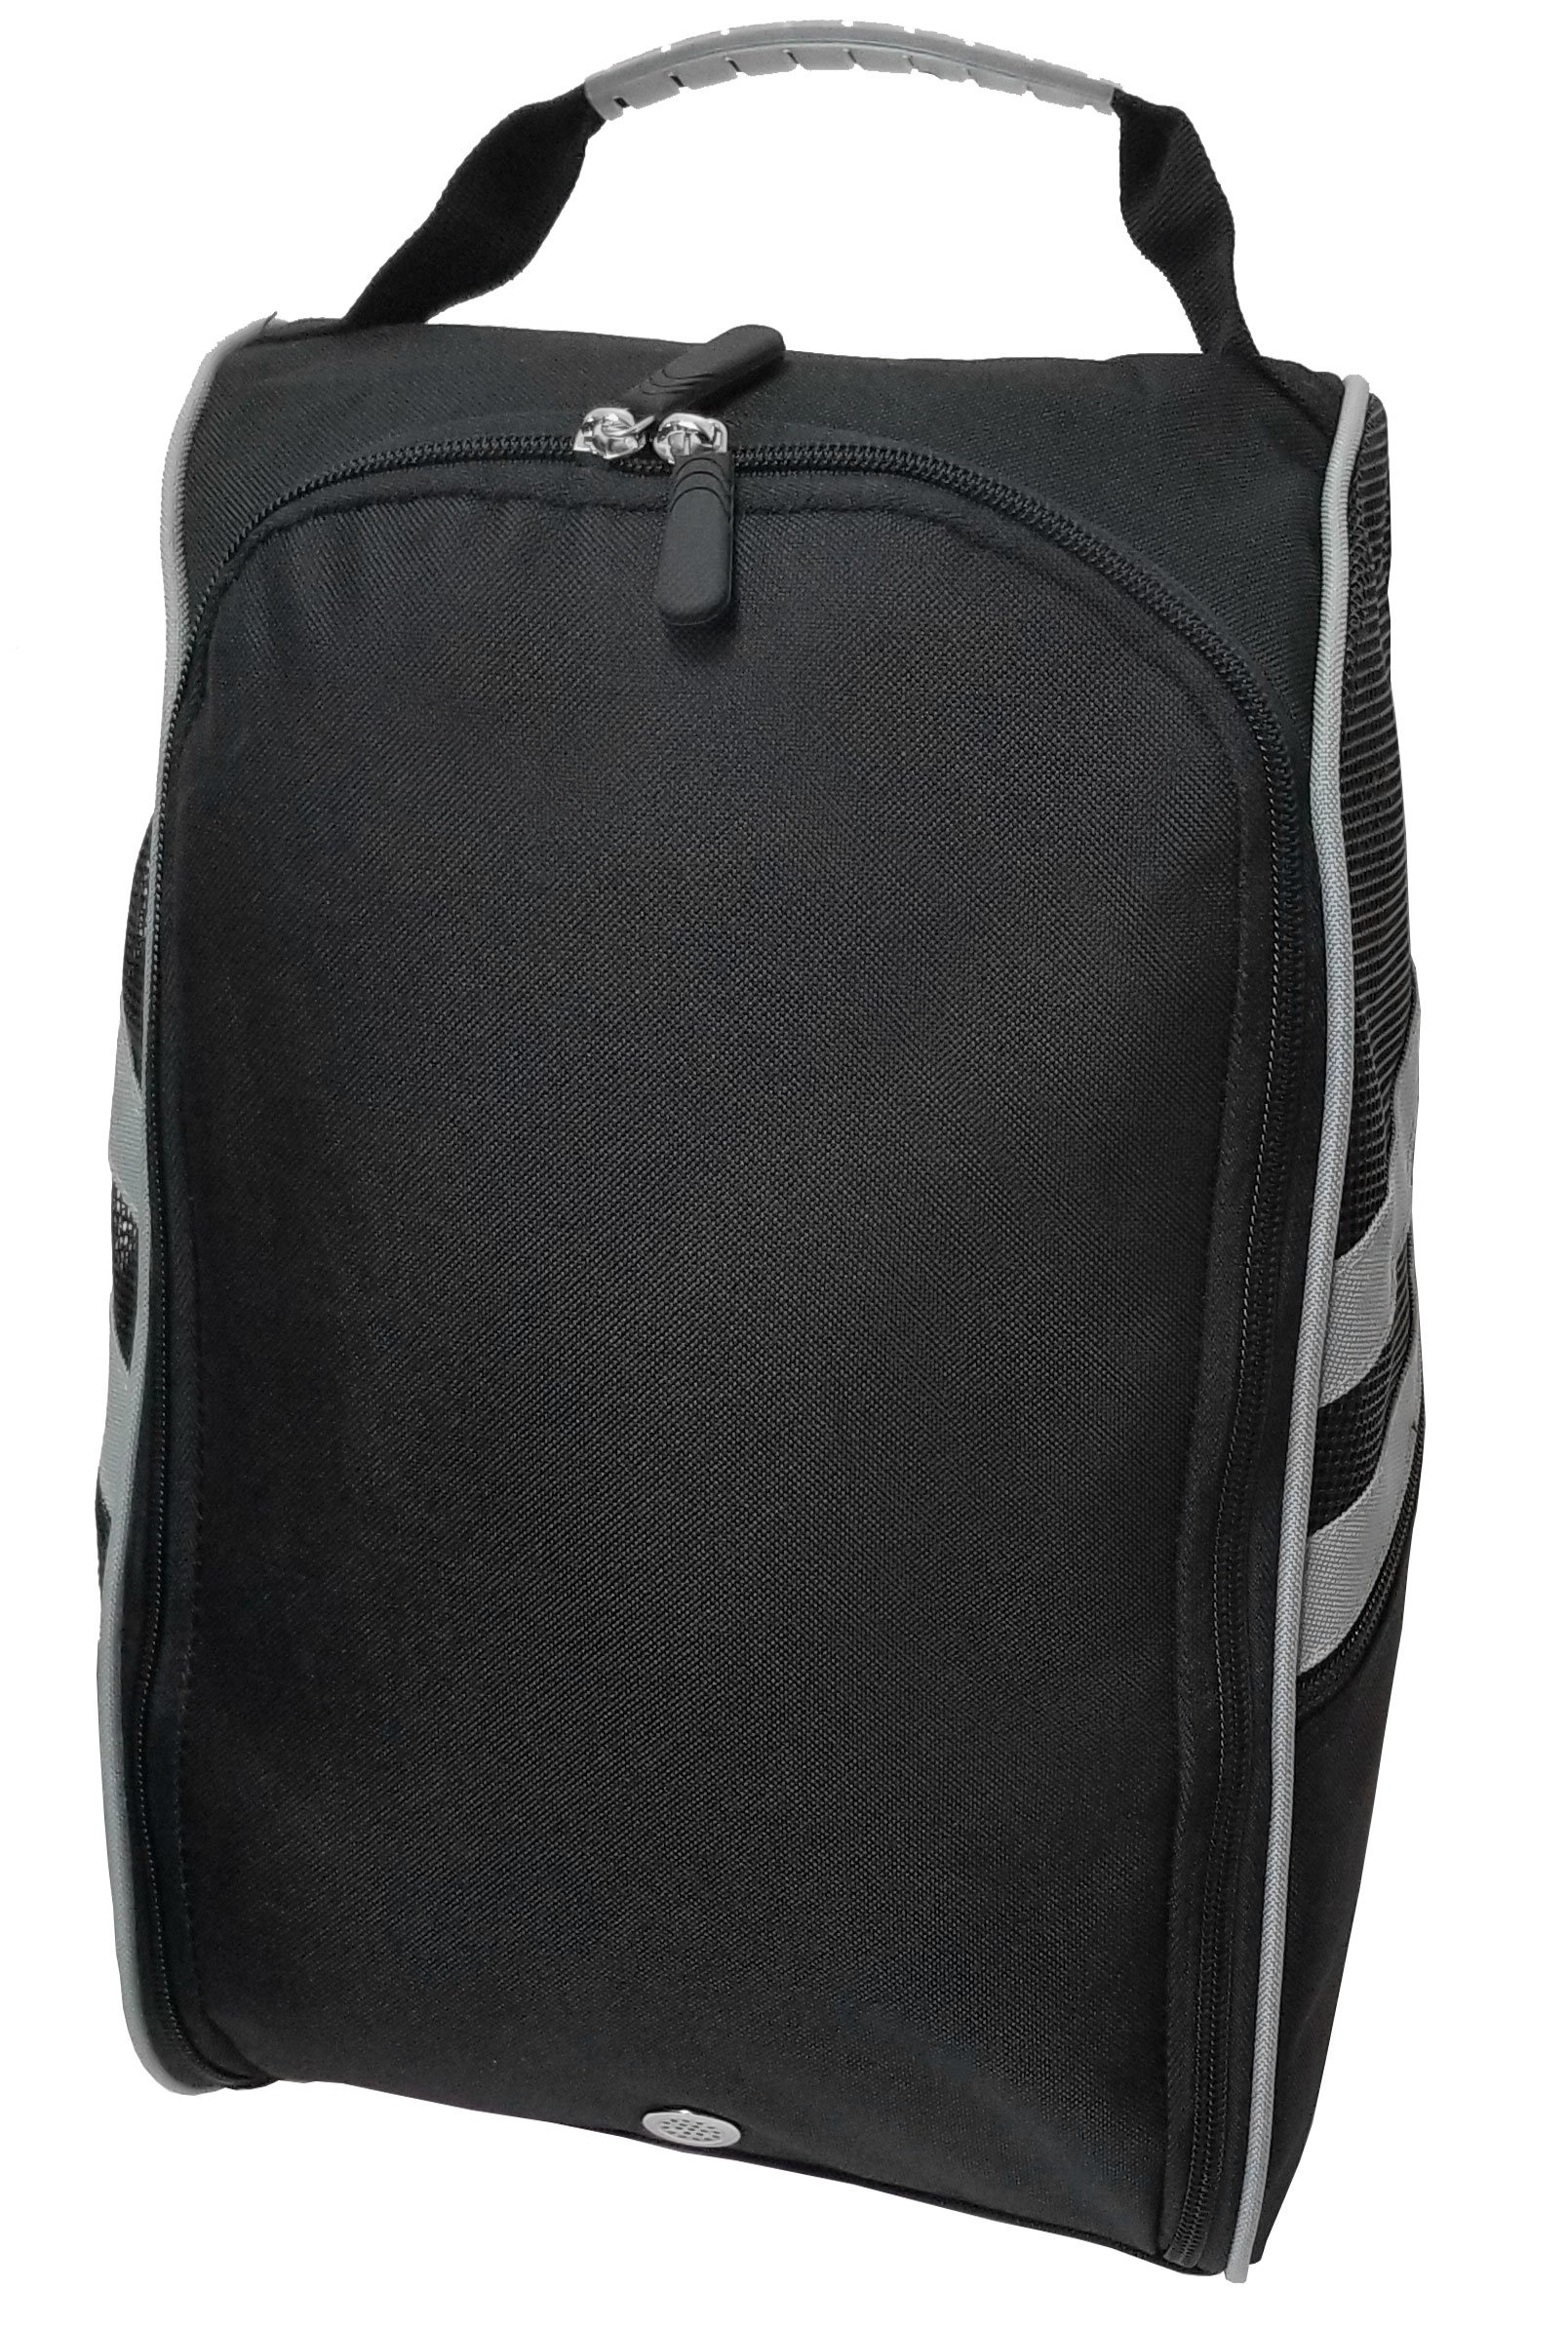 CaddyDaddy Golf Modern Golf Shoe Bag, Black/Grey by CaddyDaddy